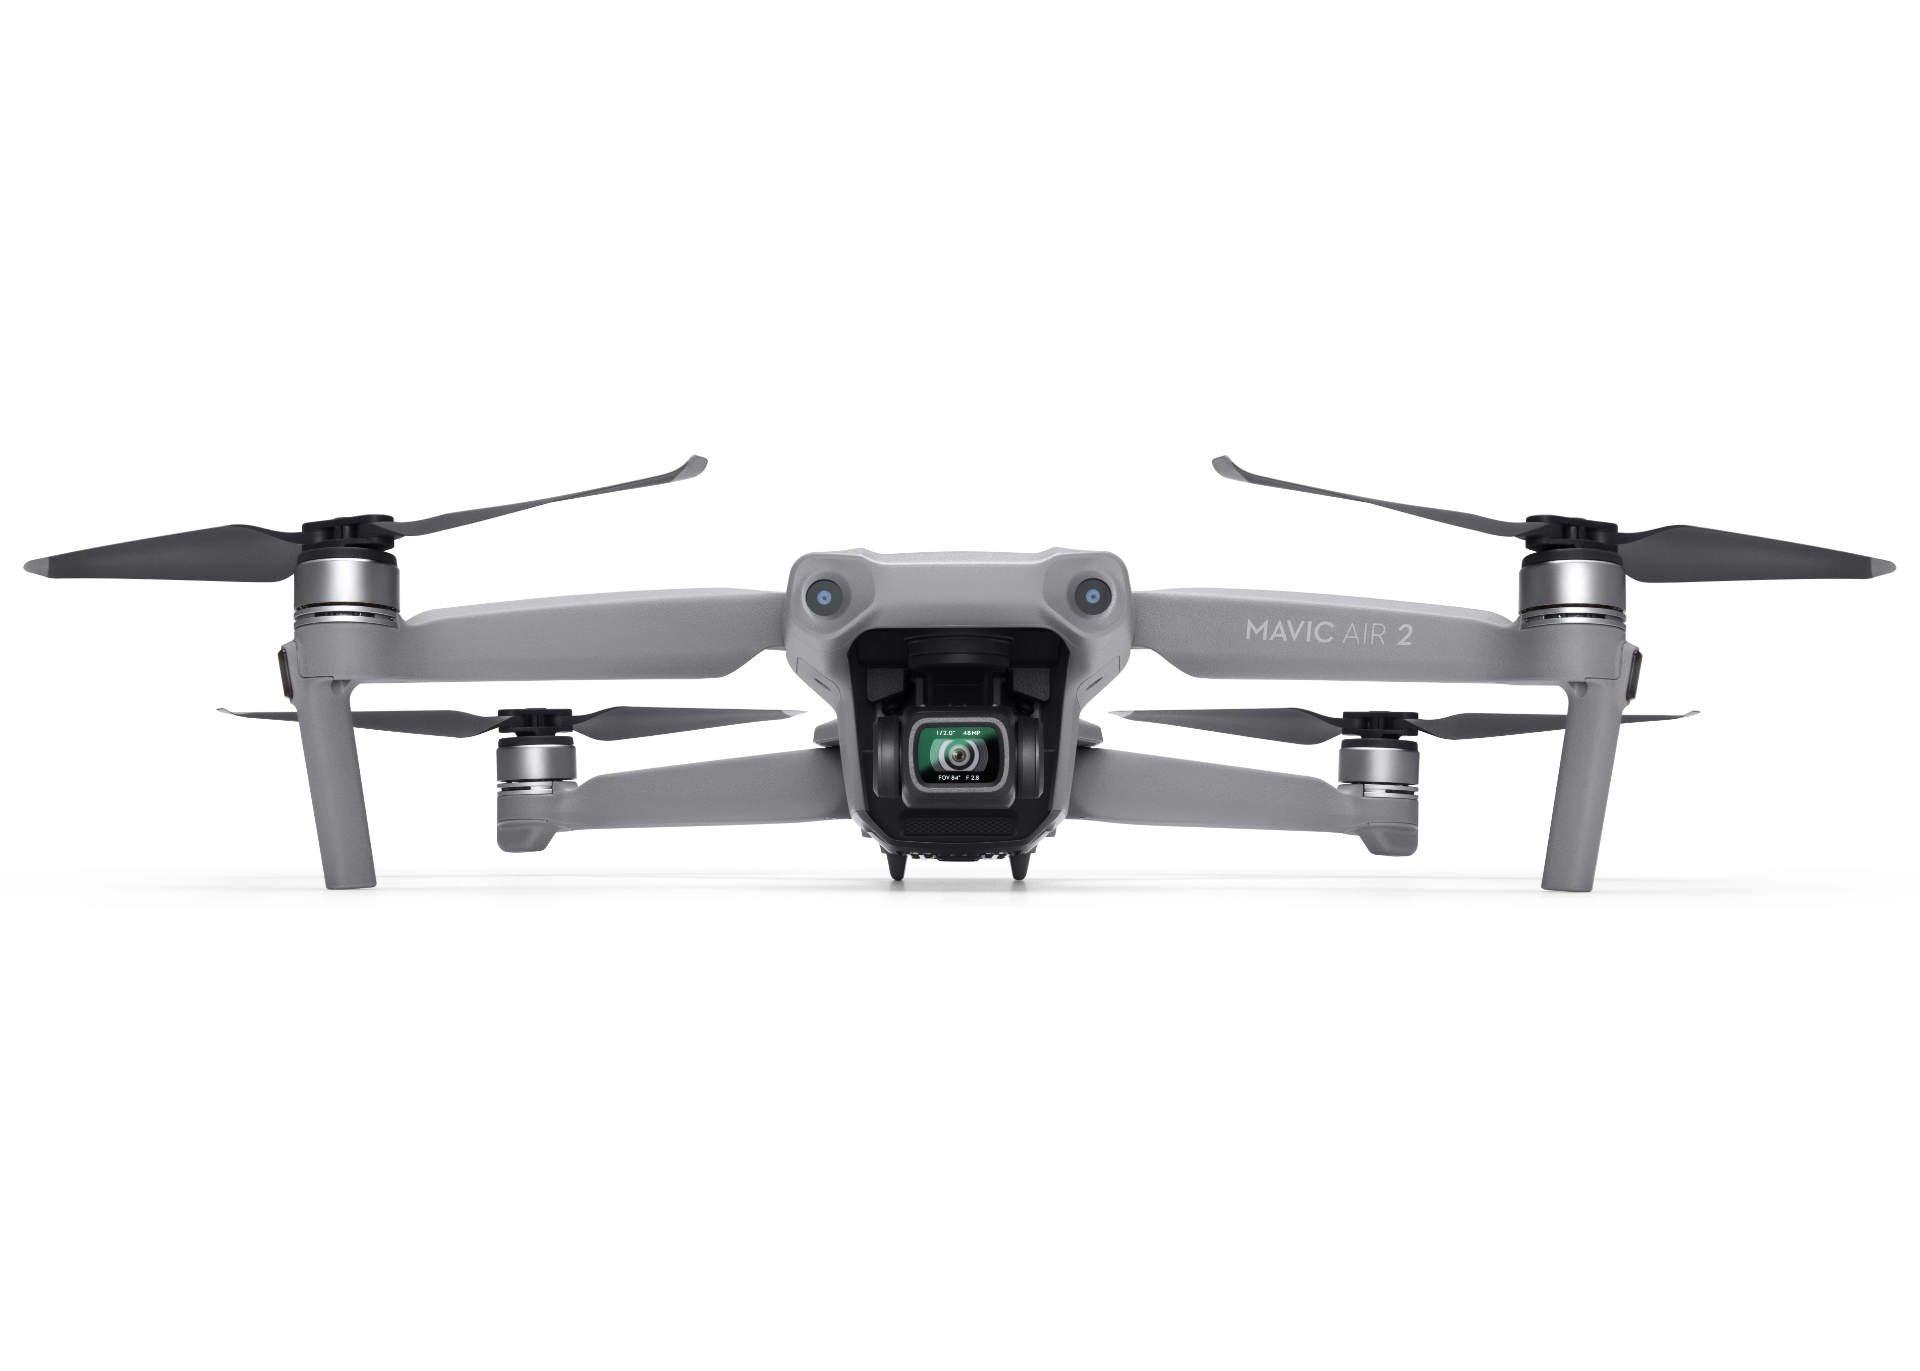 Mavic Air 2 Drohne von vorne